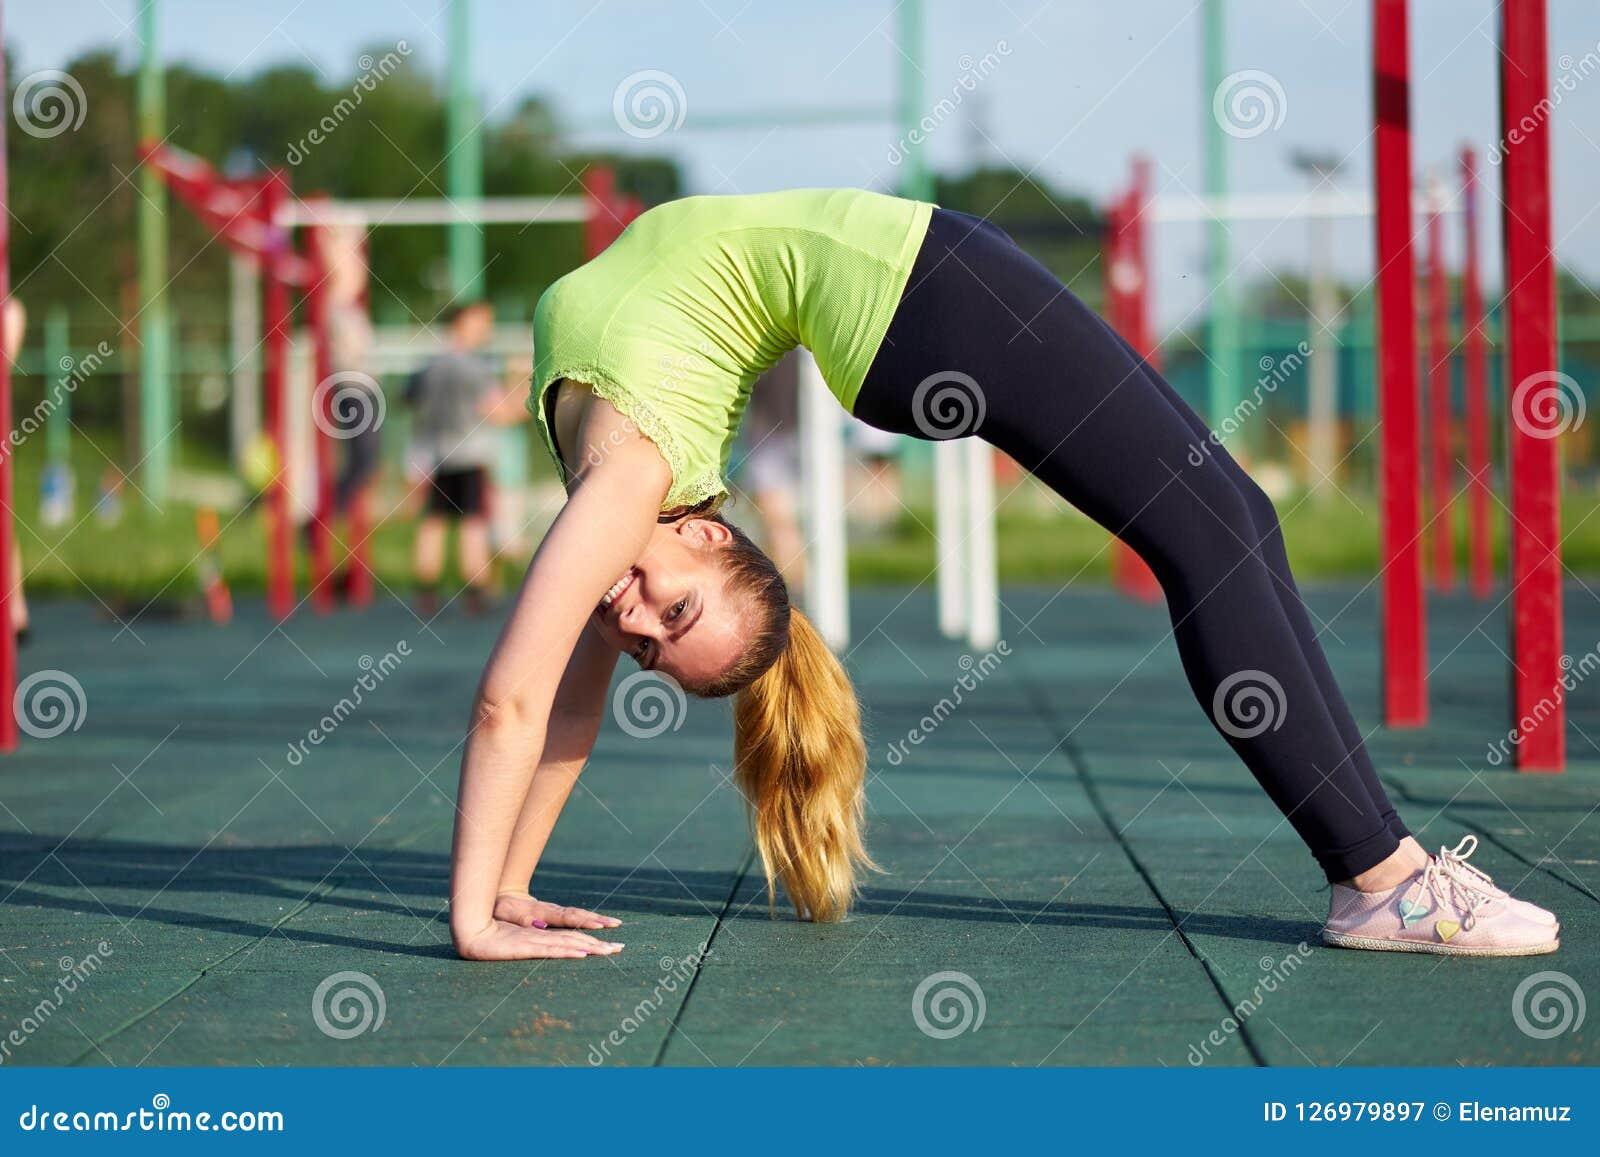 Τέντωμα danser ή gymnast τραίνα κατάρτισης γυναικών στο χώρο αθλήσεων workout Να κάνει τη γέφυρα άσκησης